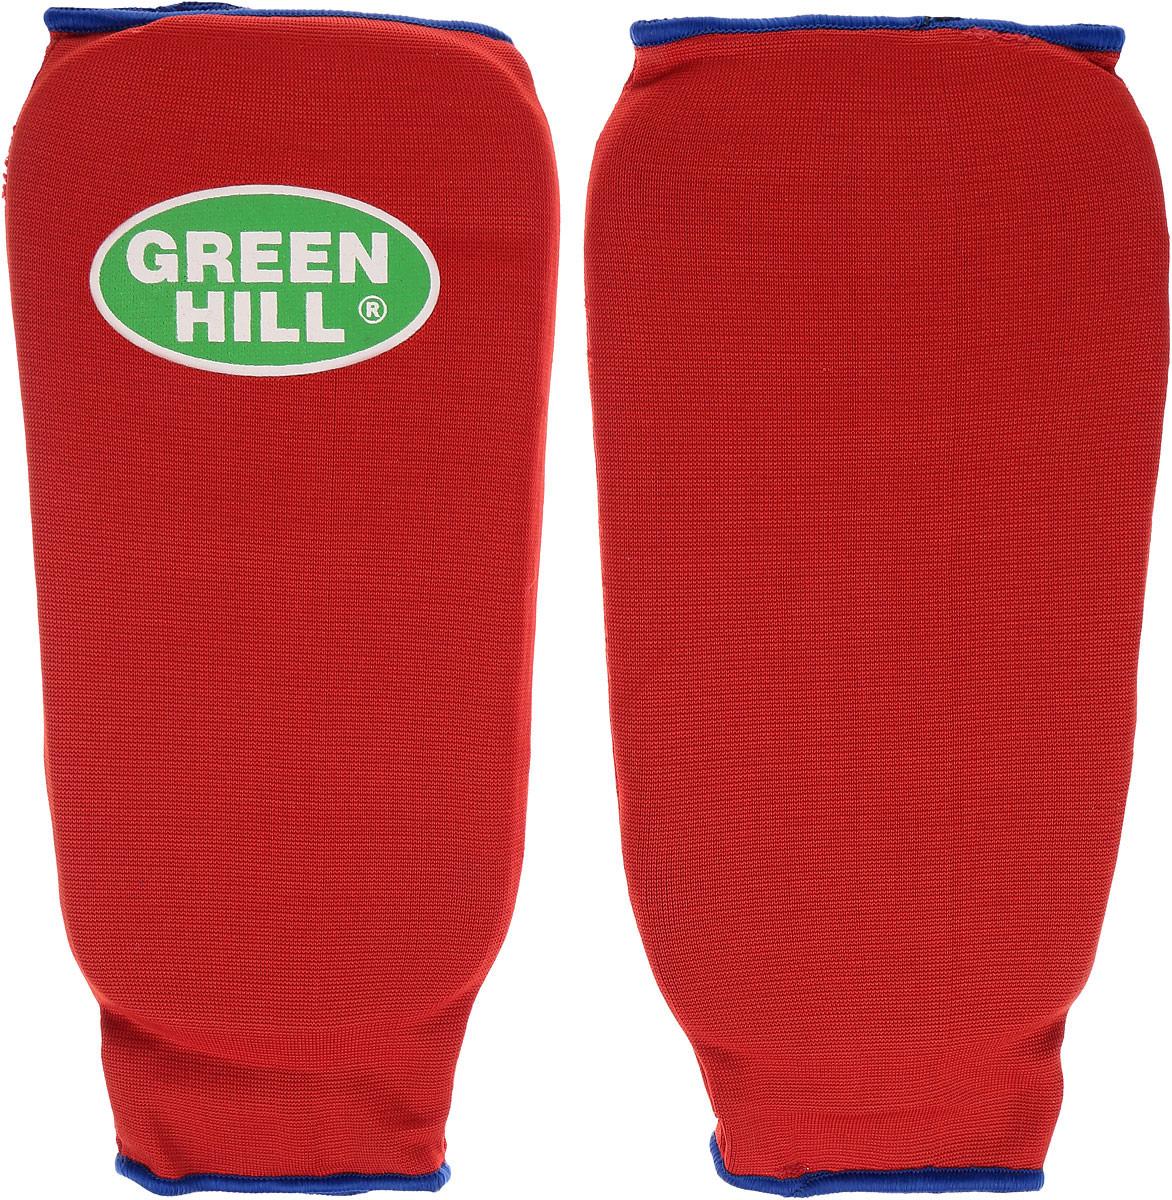 Защита голени Green Hill, цвет: красный, синий. Размер S. SPC-6210SPC-6210Защита голени Green Hill с наполнителем, выполненным из вспененного полимера, необходима при занятиях спортом для защиты суставов от вывихов, ушибов и прочих повреждений. Накладки выполнены из высококачественного эластана и хлопка.Длина голени: 23,5 см.Ширина голени: 14 см.